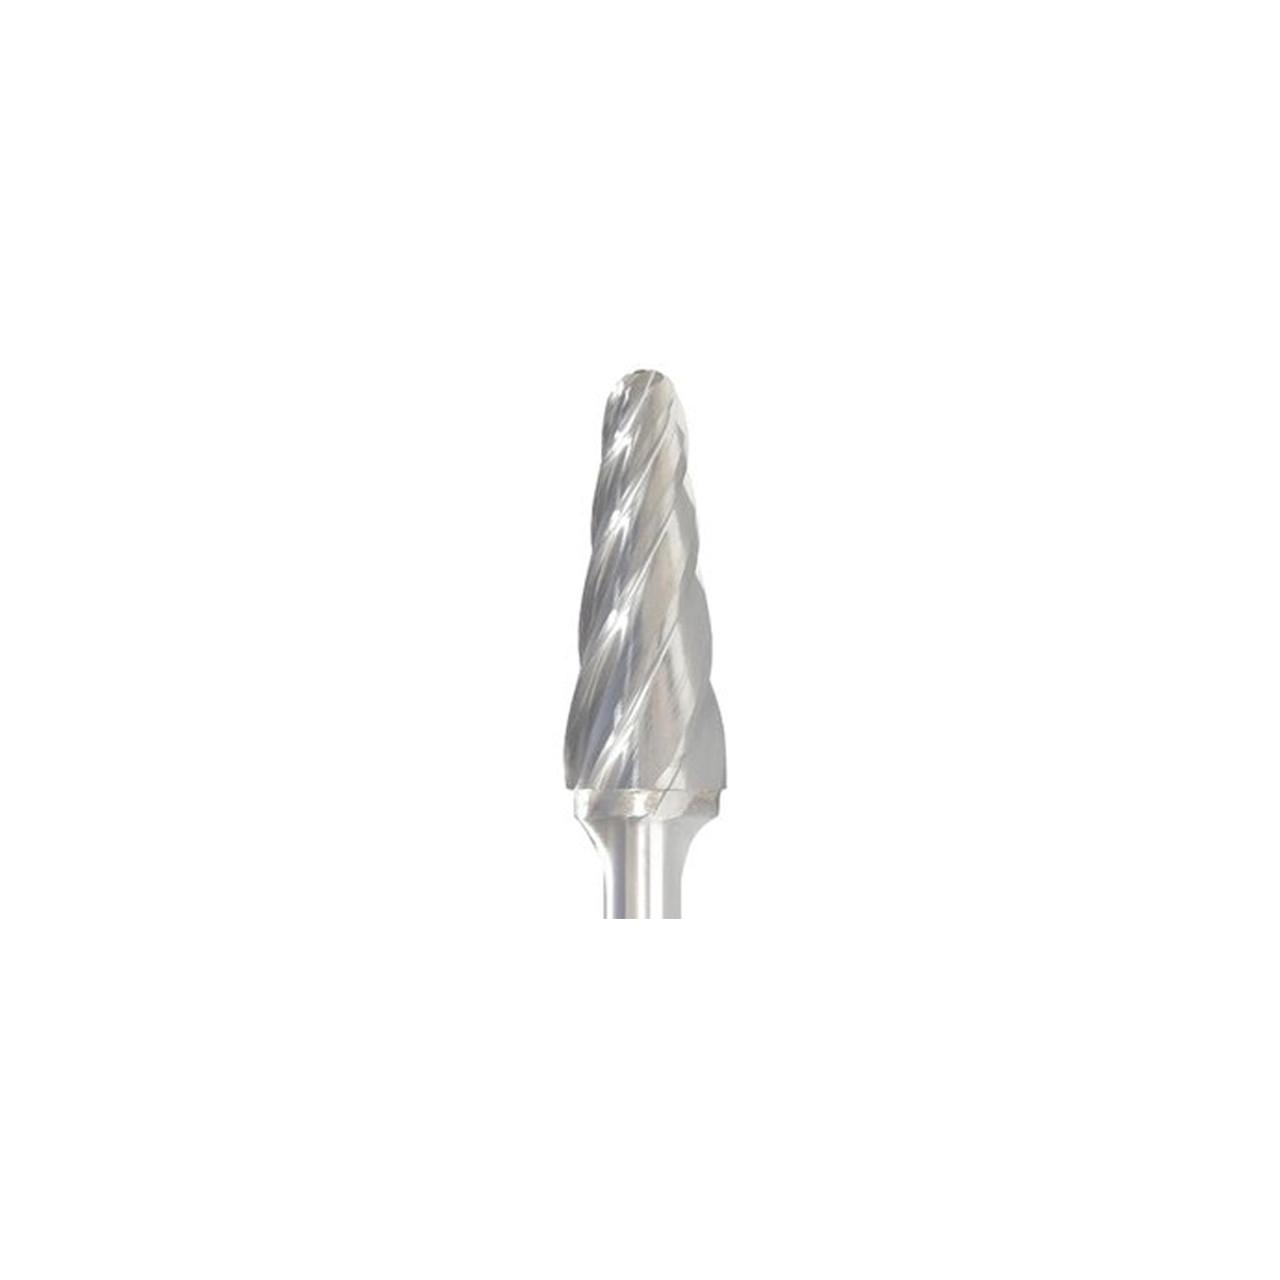 SE-1NF 1//4 x 1//4 x 3//8 x 2 Carbide Burr Egg Shape Aluminum Cut